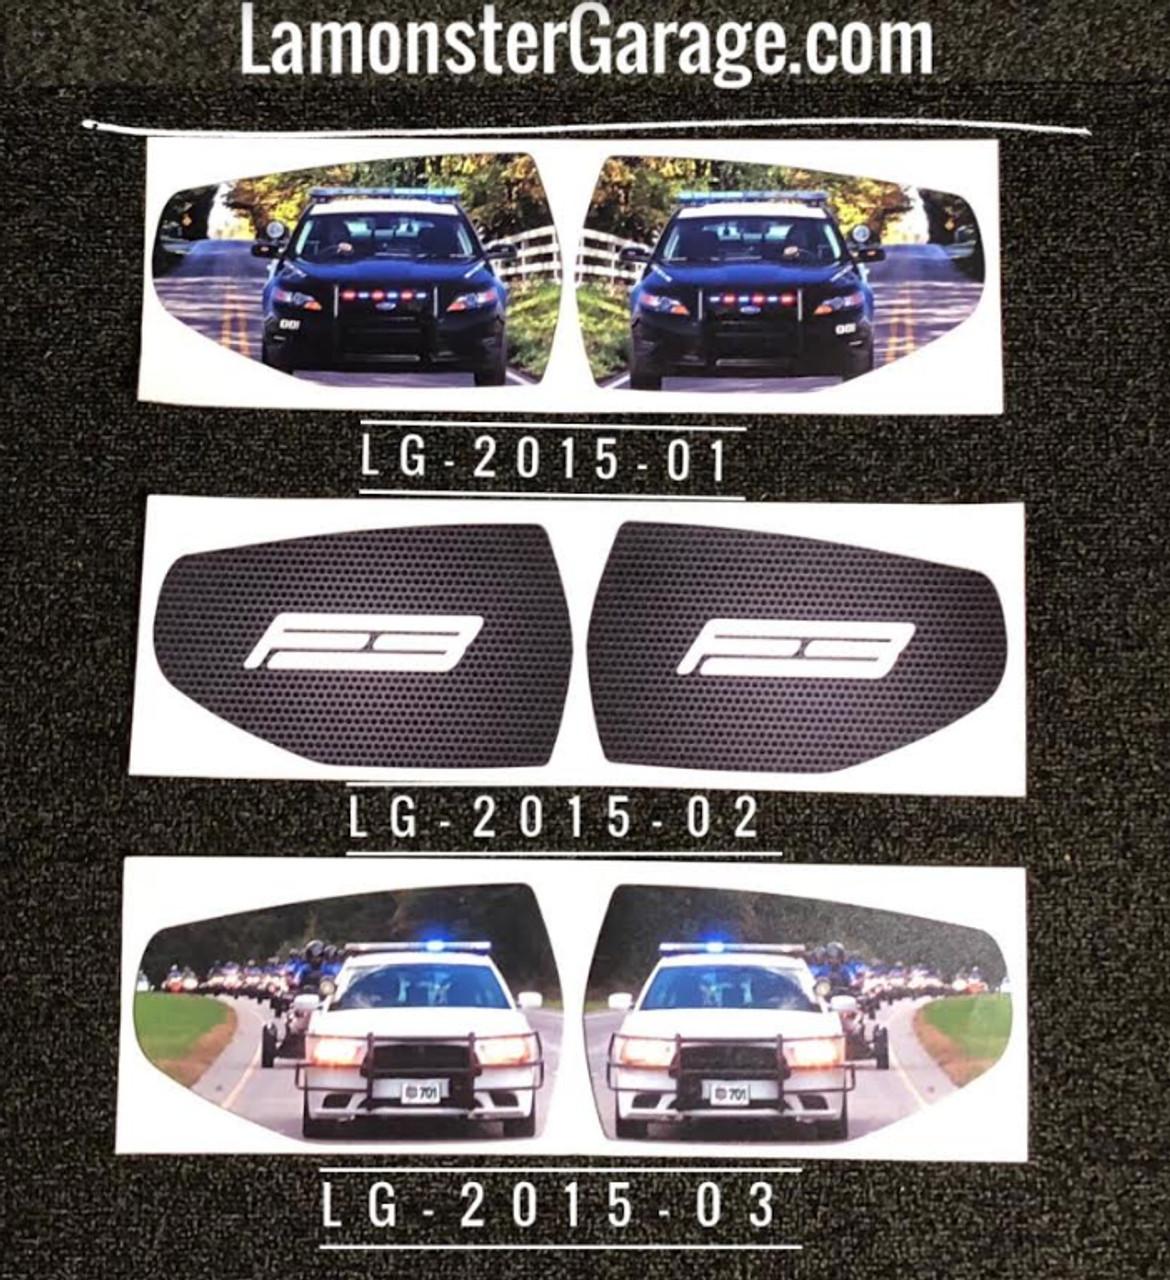 F3-T / F3-LTD Mirror Inserts. (LG-2015-01)(LG-2015-02(LG-2015-03)